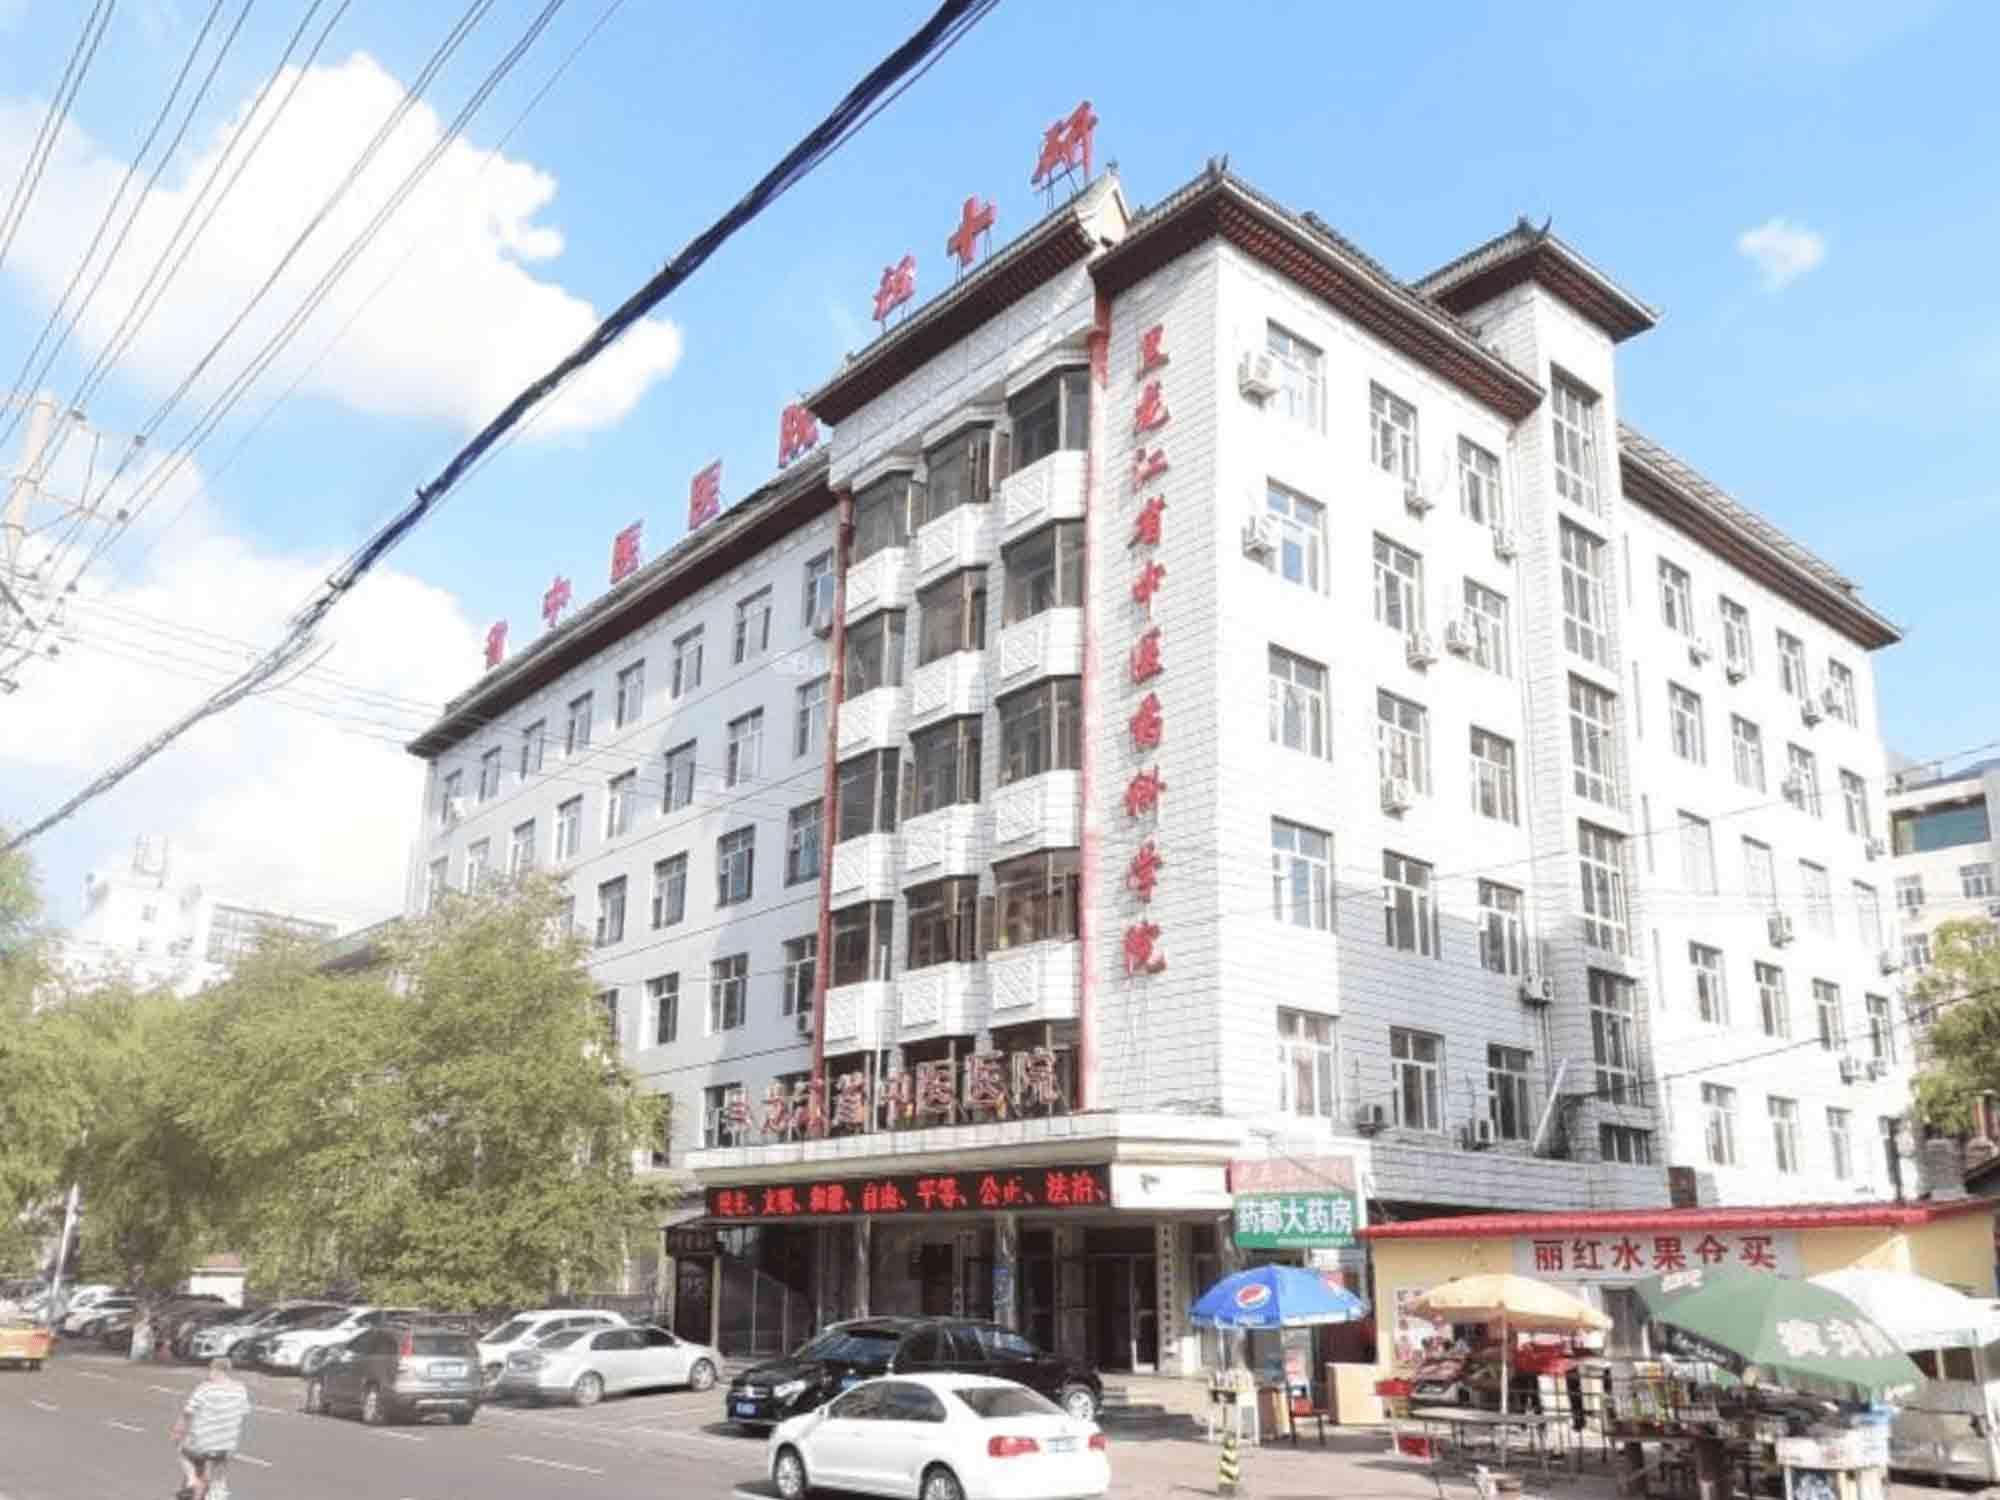 黑龙江省中医医院